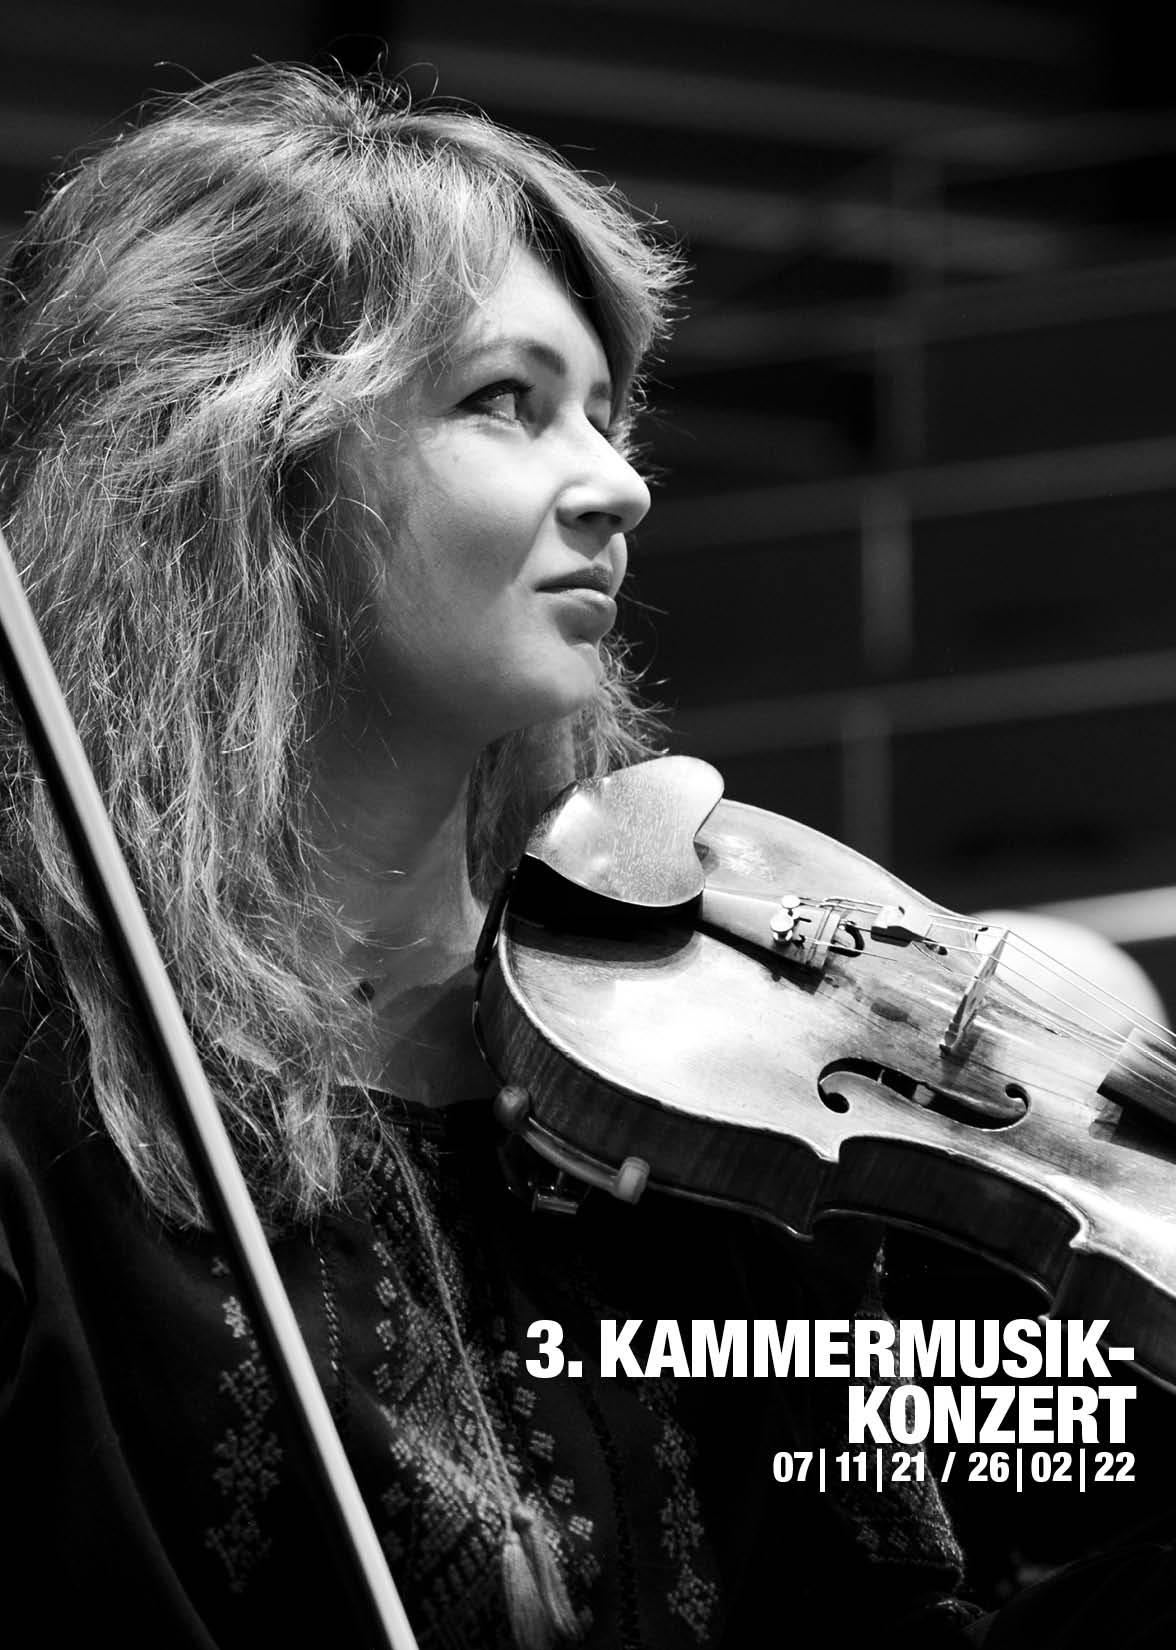 3. Kammermusikkonzert